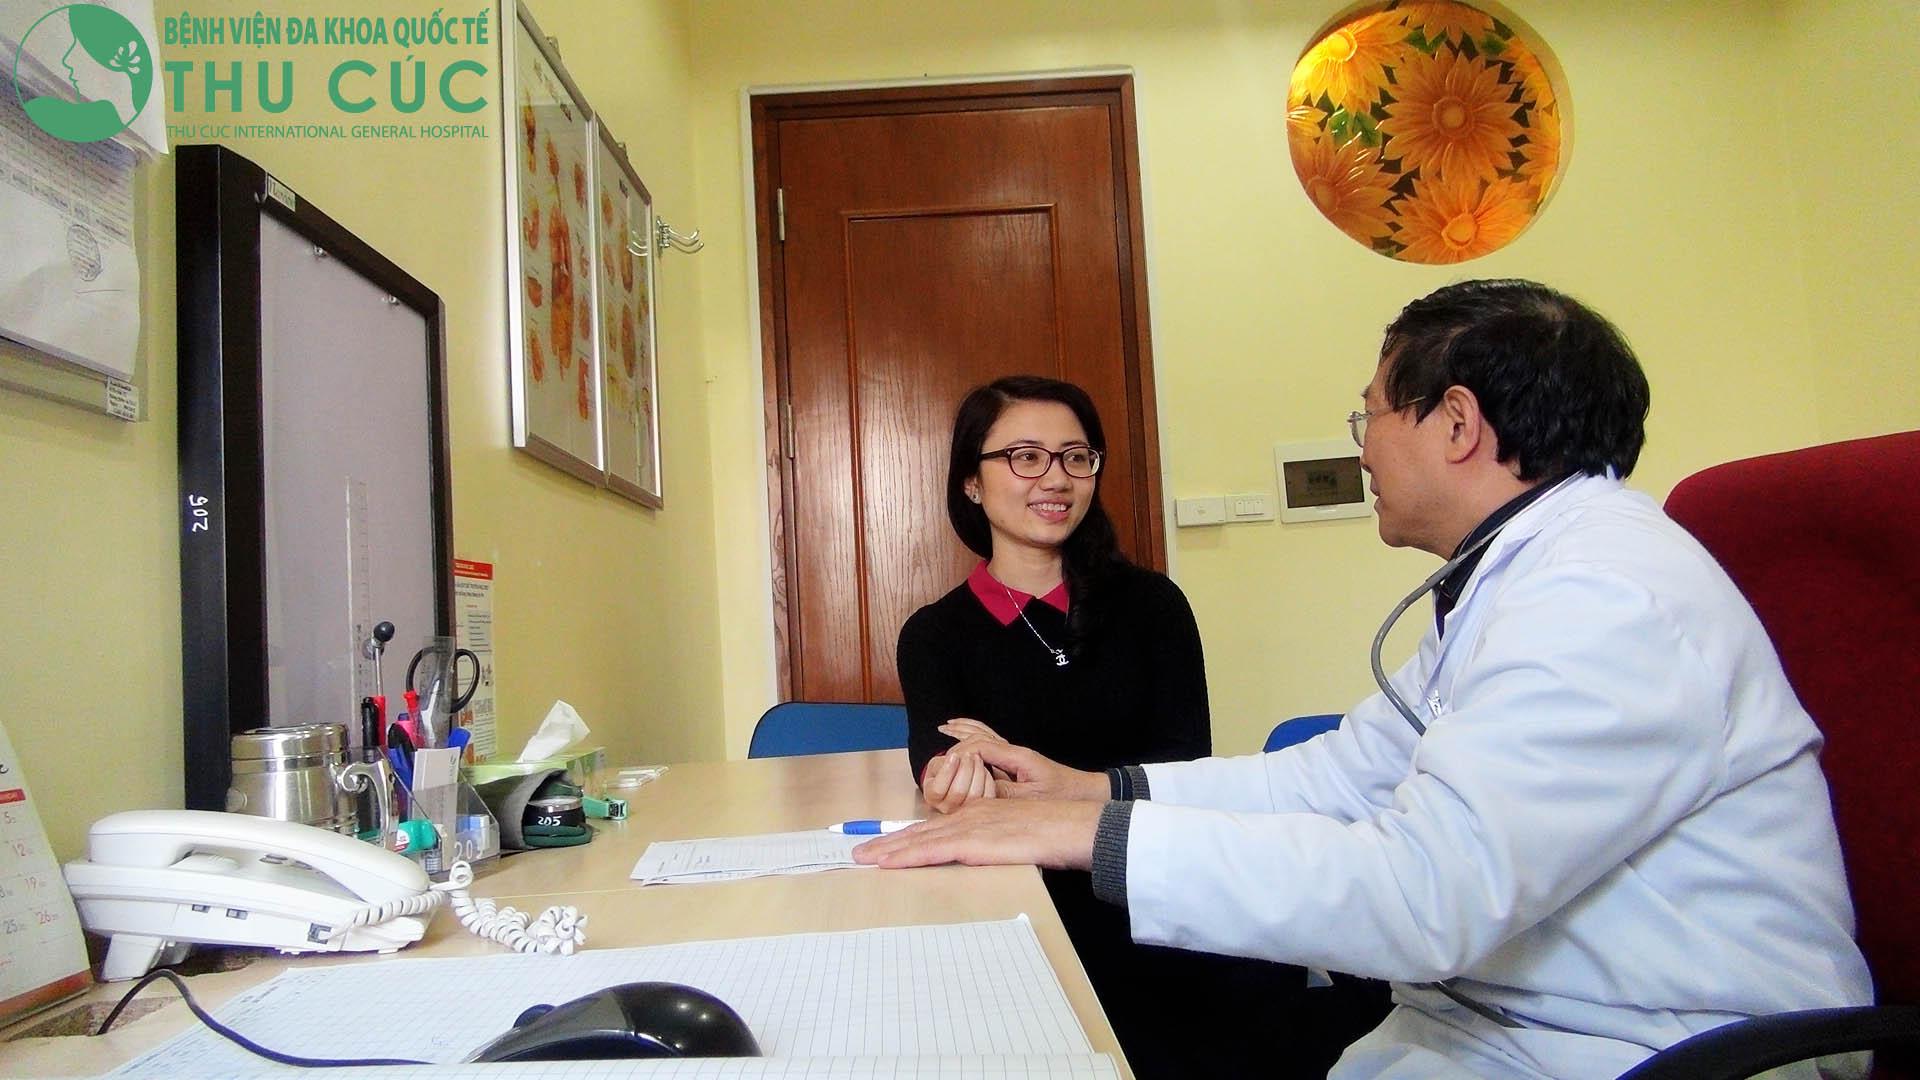 Đóng bảo hiểm tự nguyện bệnh viện Thu Cúc